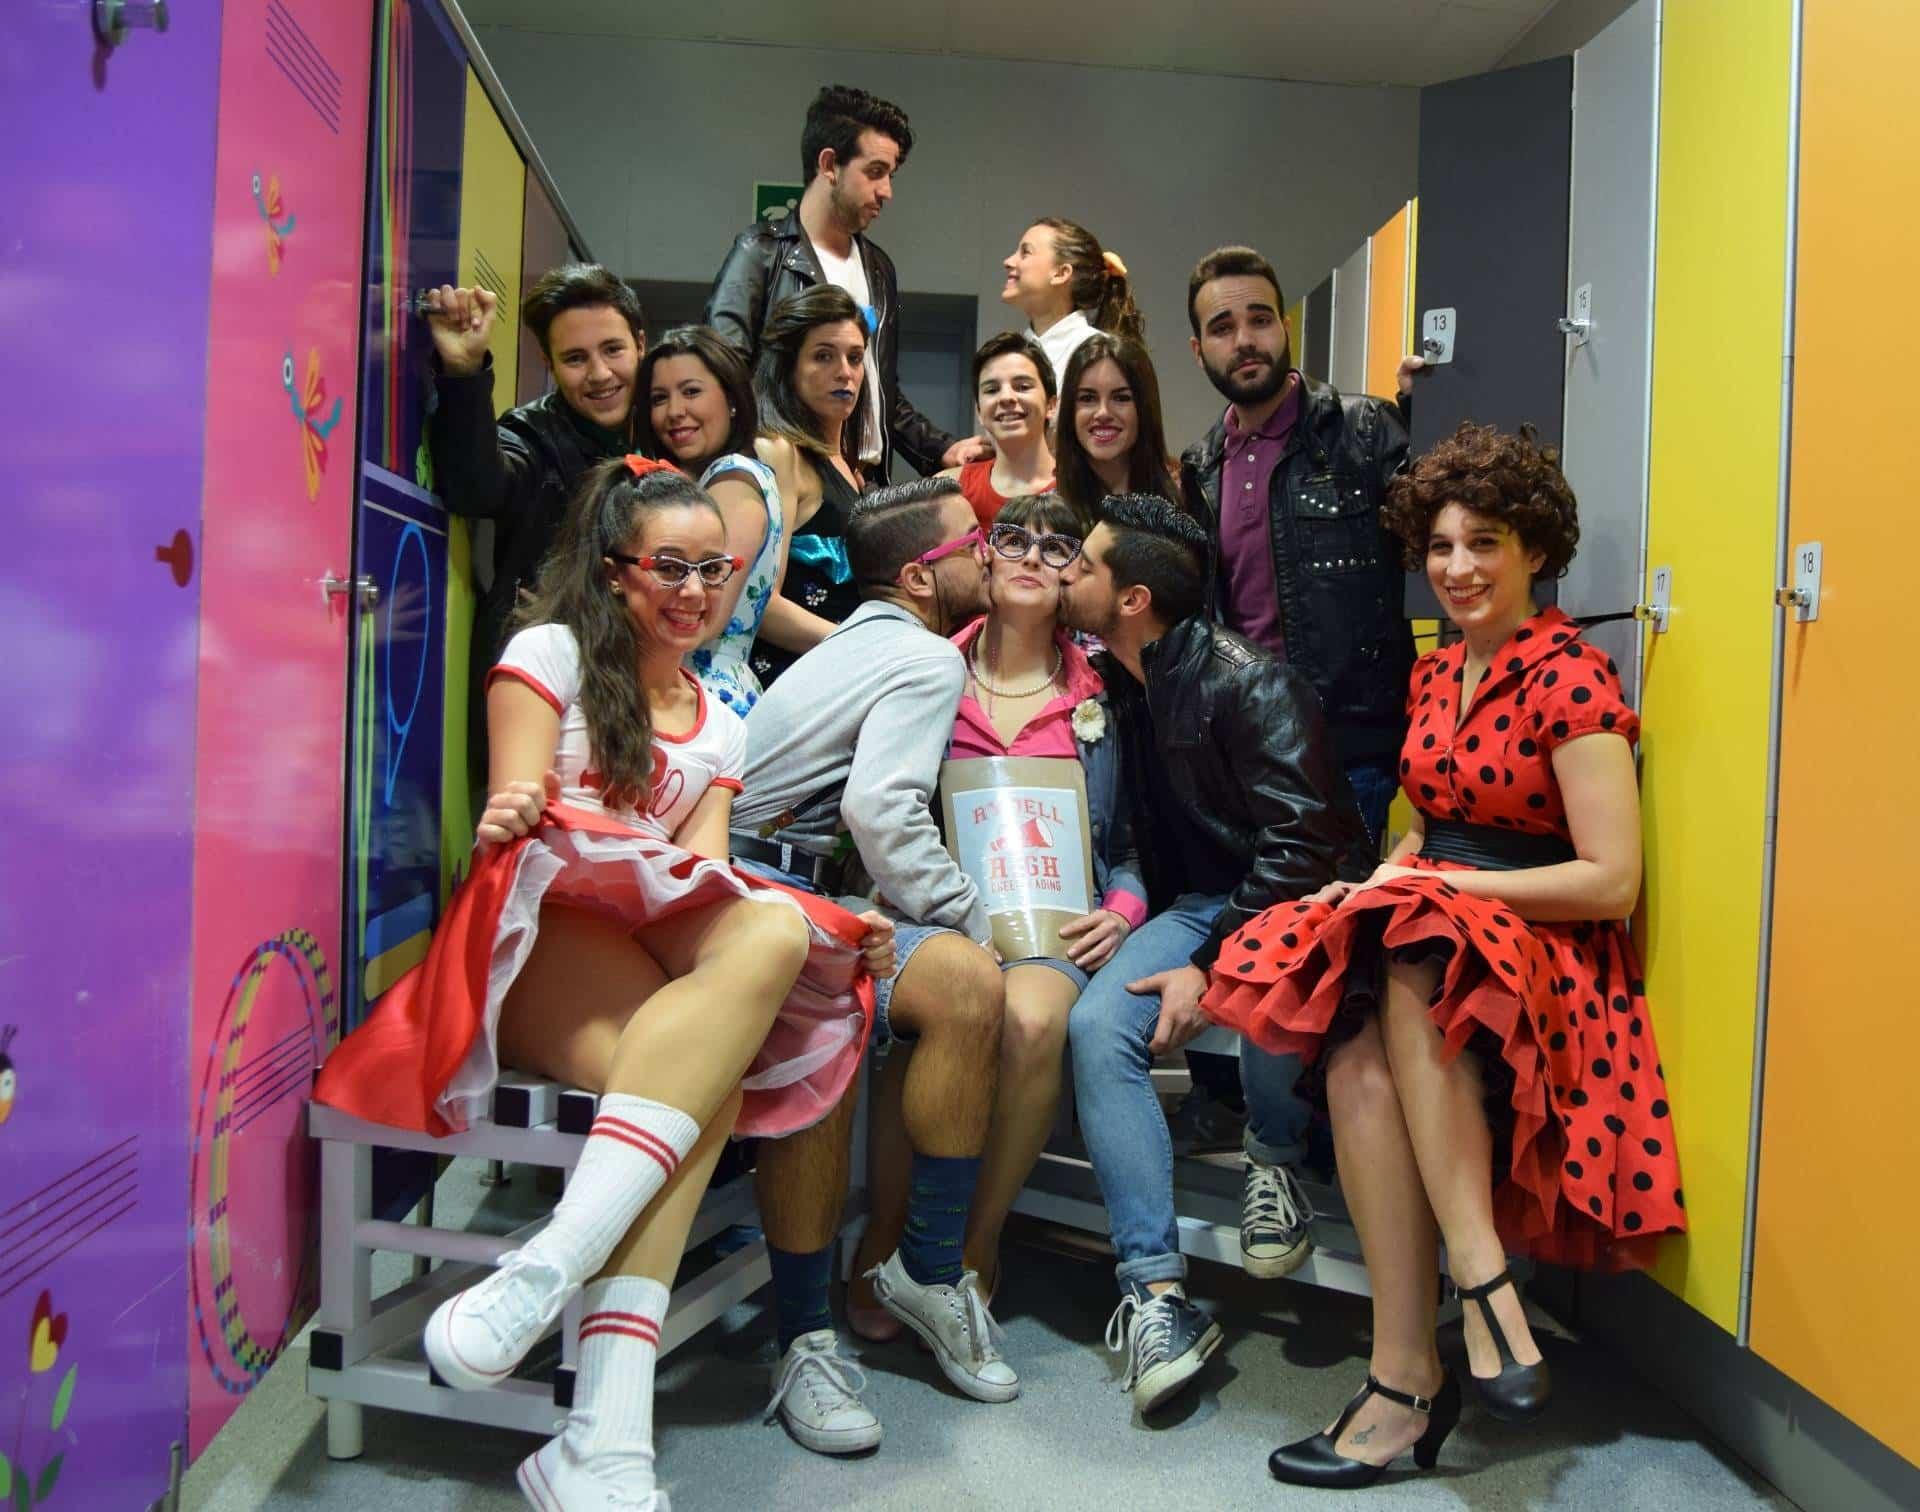 elenco tributo a grease - Tributo a Grease en el Auditorio de Herencia